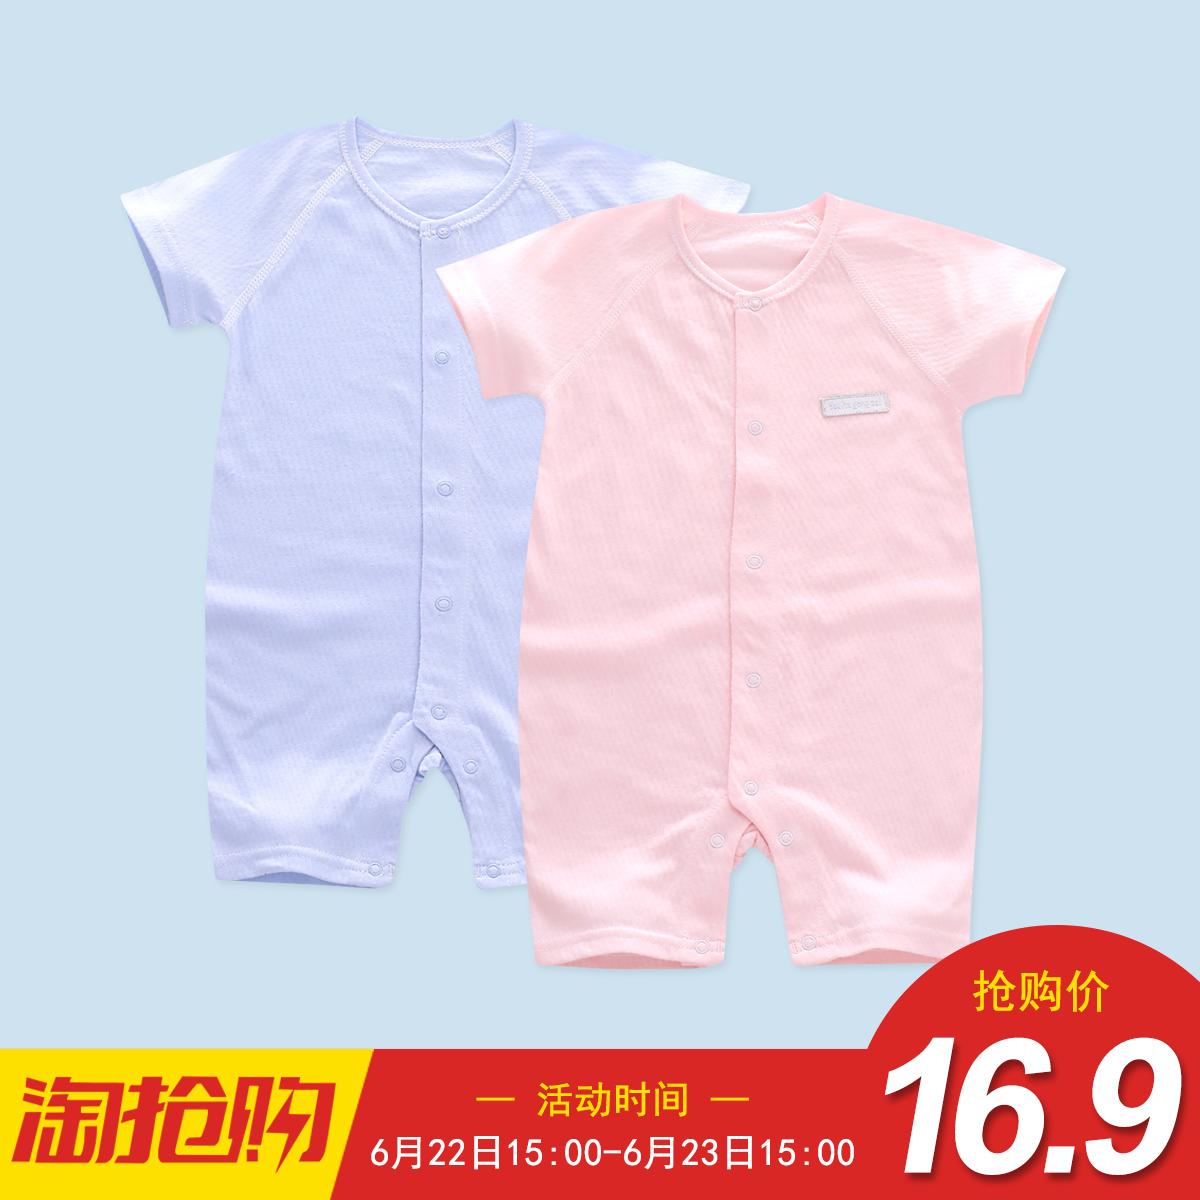 婴儿连体衣服夏装男女宝宝0-3-6个月纯棉薄款短袖哈衣新生儿爬服